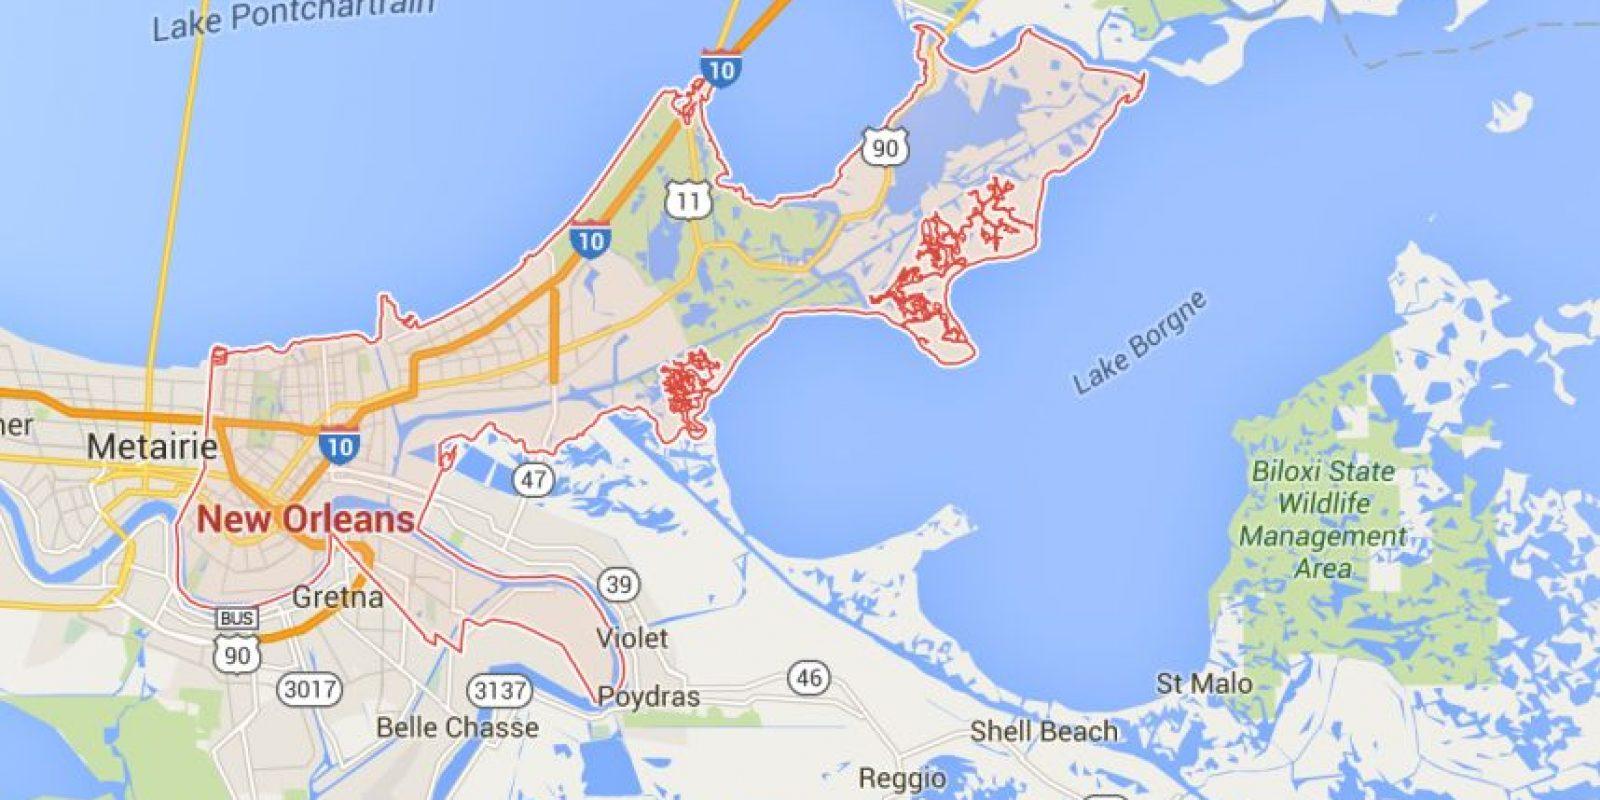 El hombre vivía en Nueva Orleans. Foto:Vía Google Maps